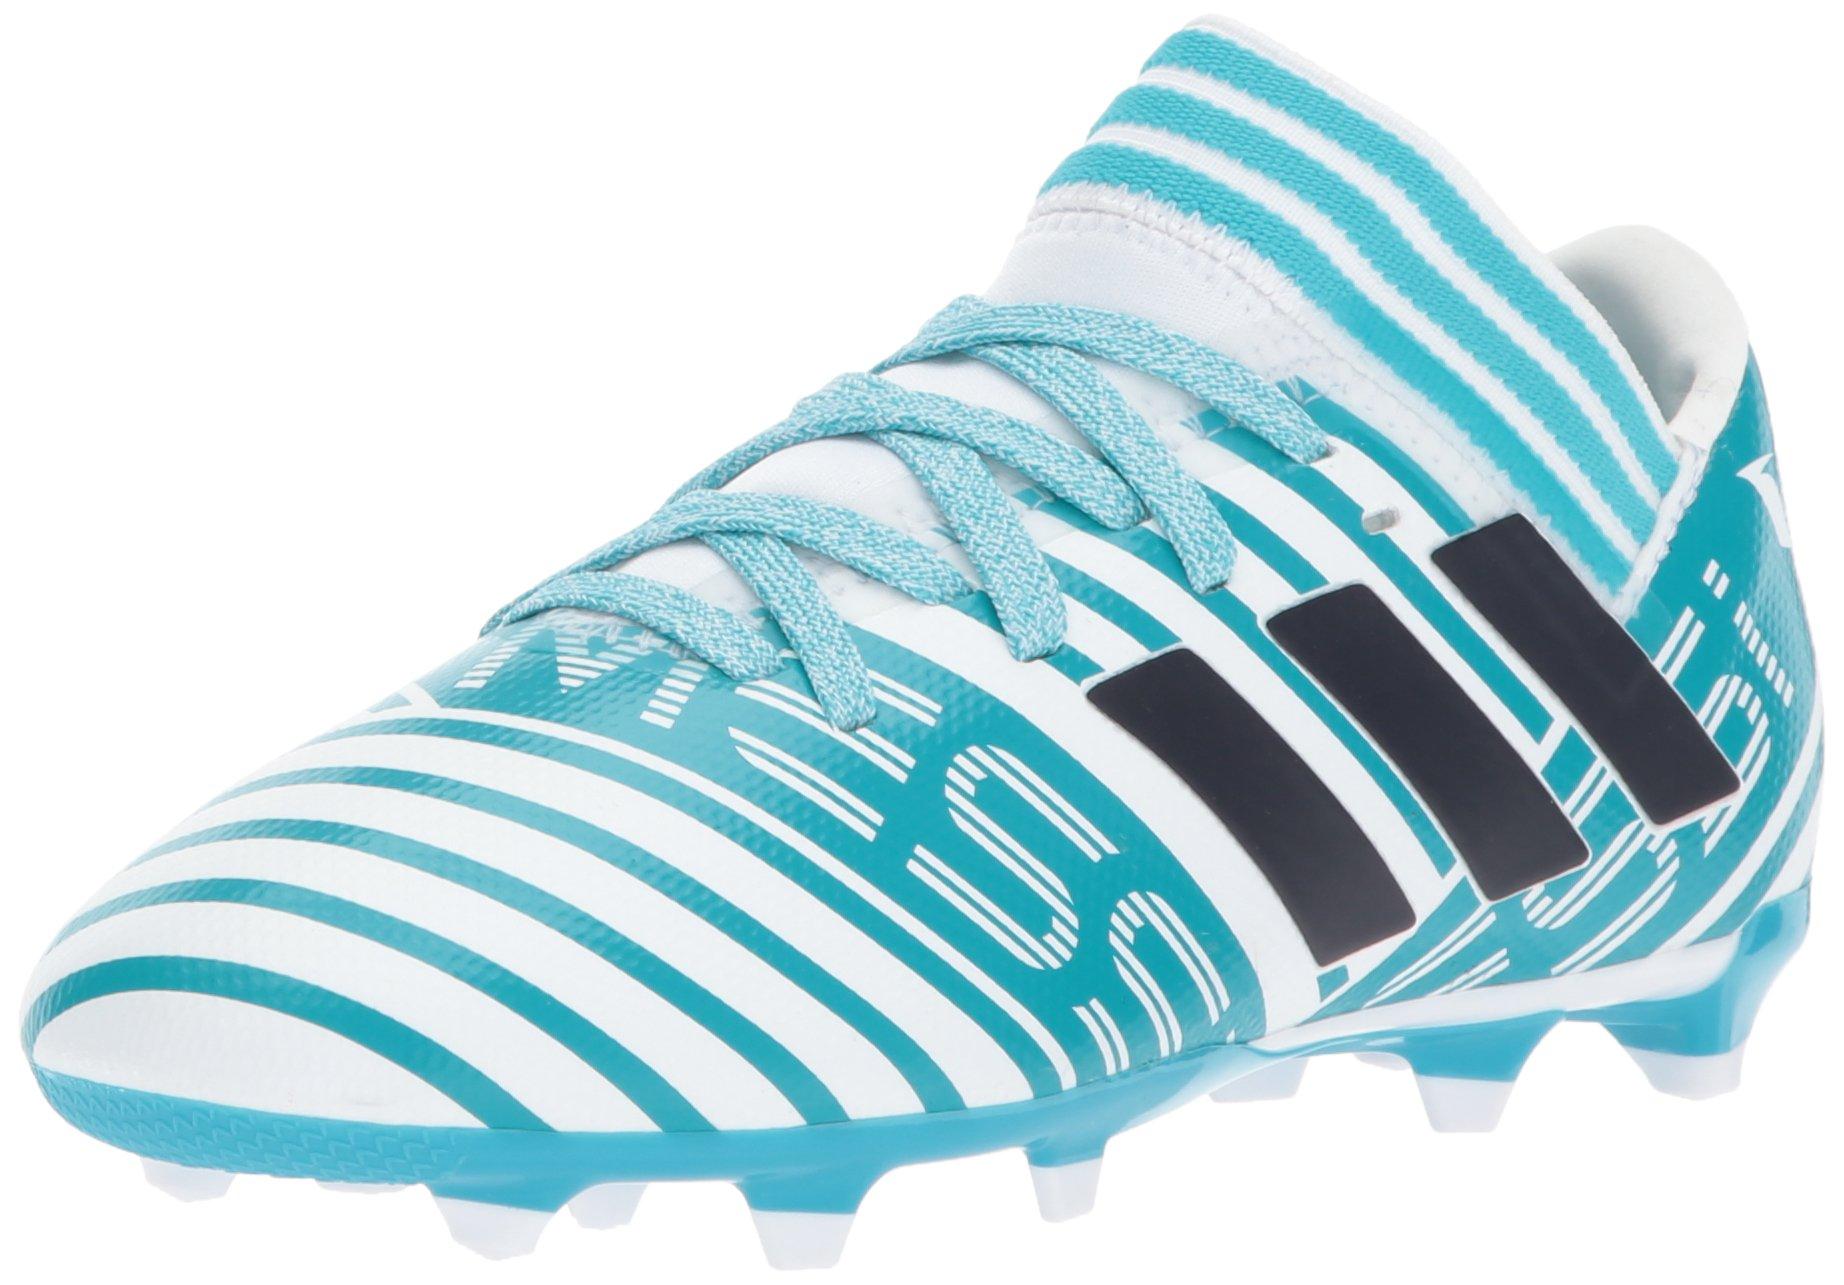 sale retailer 3d002 25551 Galleon - Adidas Kids  Nemeziz Messi 17.3 Fg J Soccer-Shoes, White Legend  Ink Energy Blue, 2.5 Big Kid